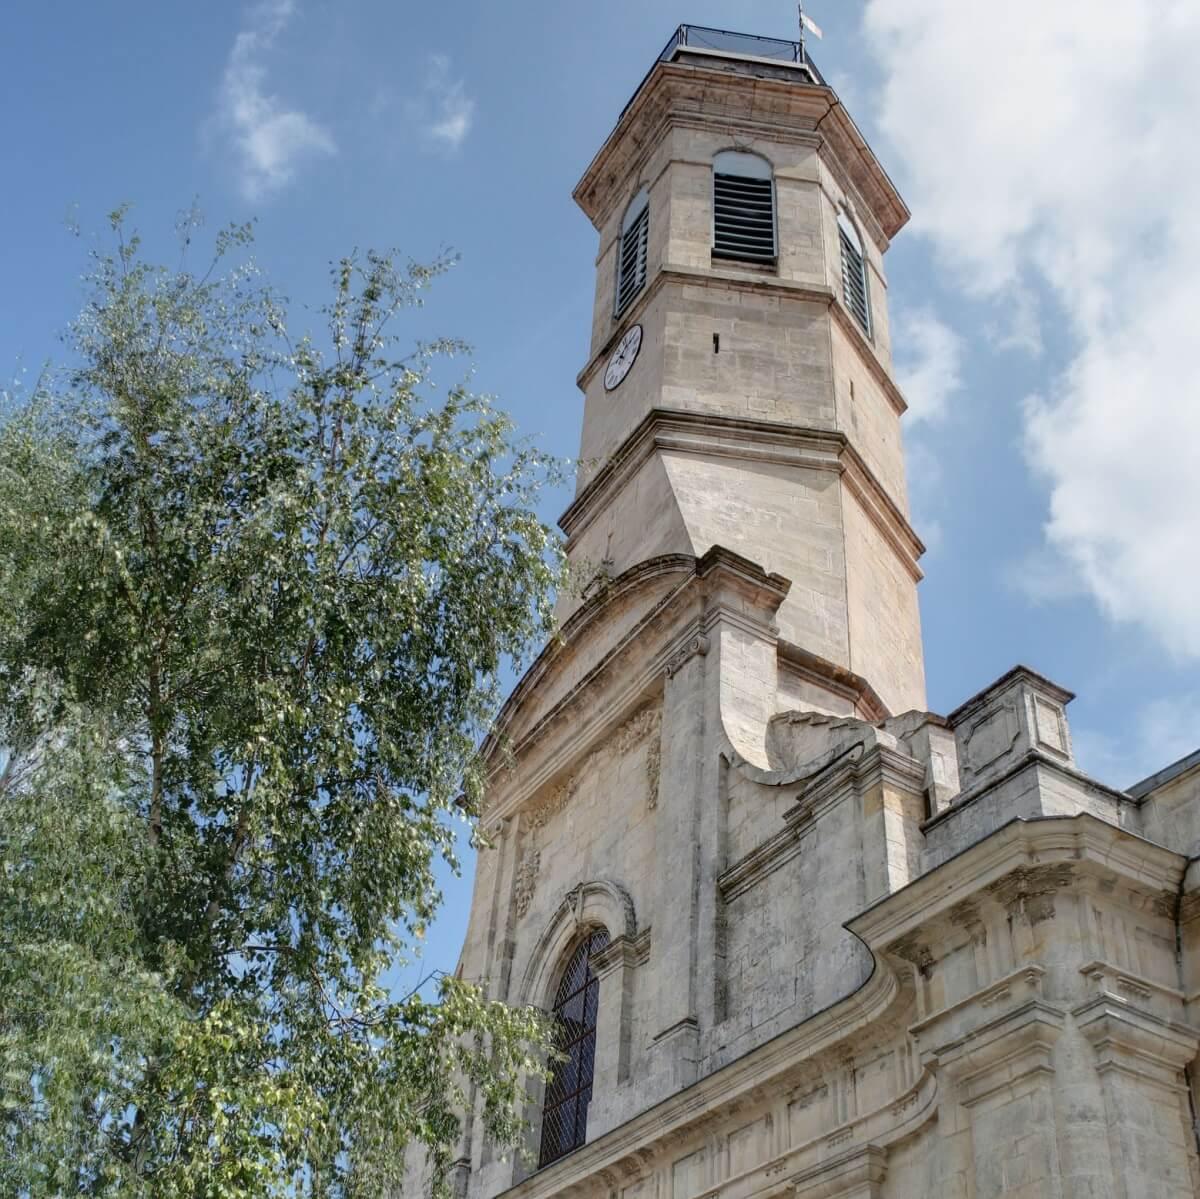 Eglise de Saint-Pierre d'Oléron - Ile d'Oléron